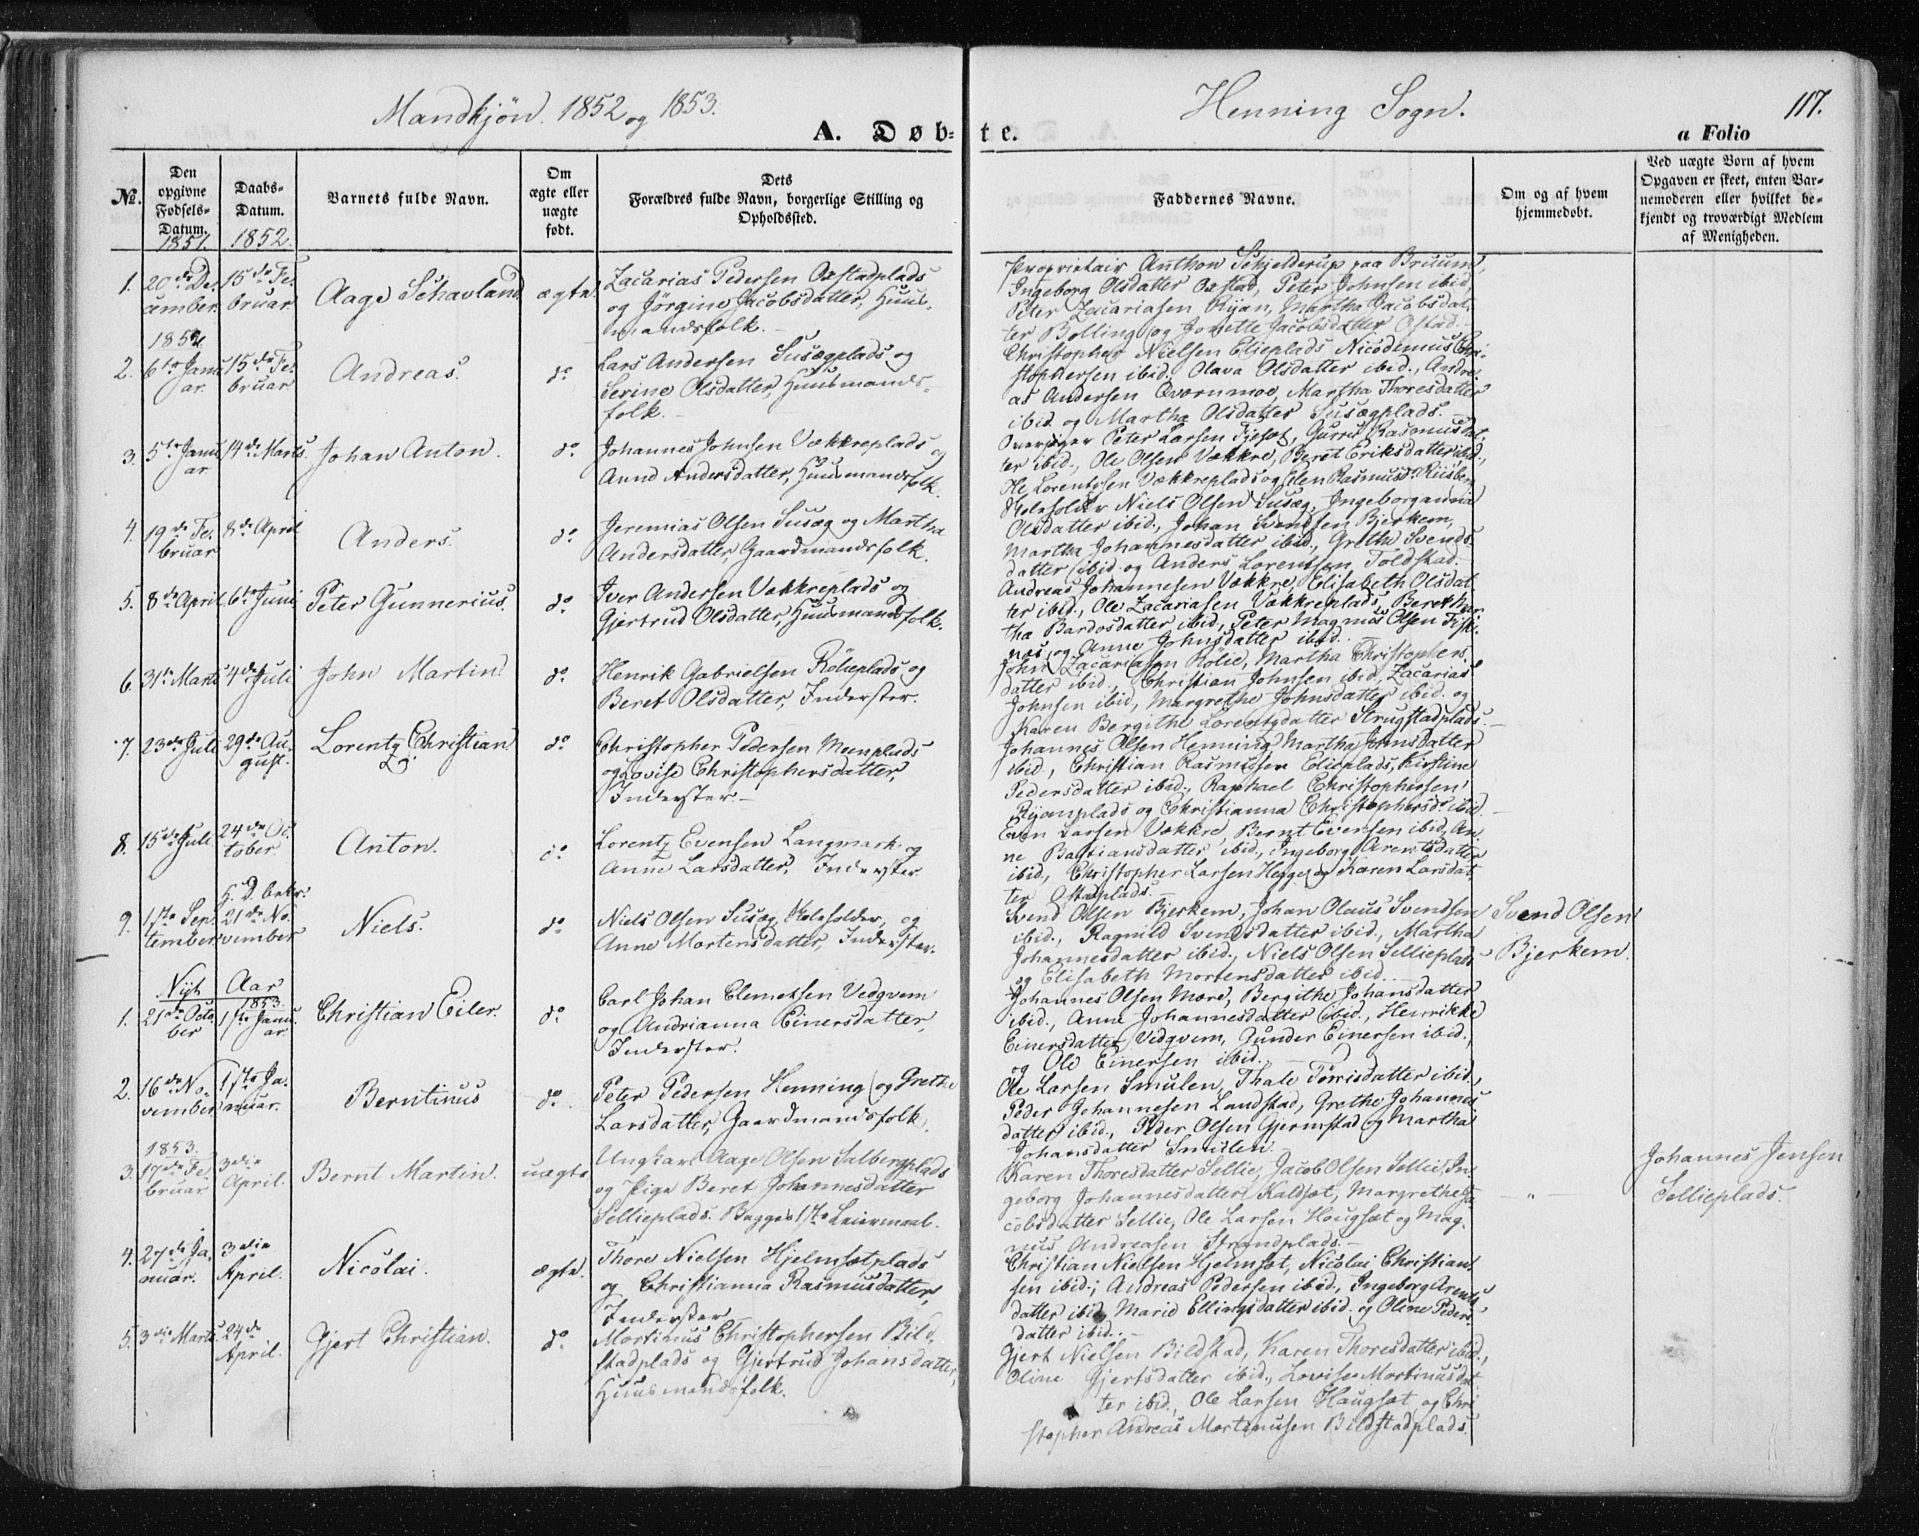 SAT, Ministerialprotokoller, klokkerbøker og fødselsregistre - Nord-Trøndelag, 735/L0342: Ministerialbok nr. 735A07 /3, 1849-1862, s. 117